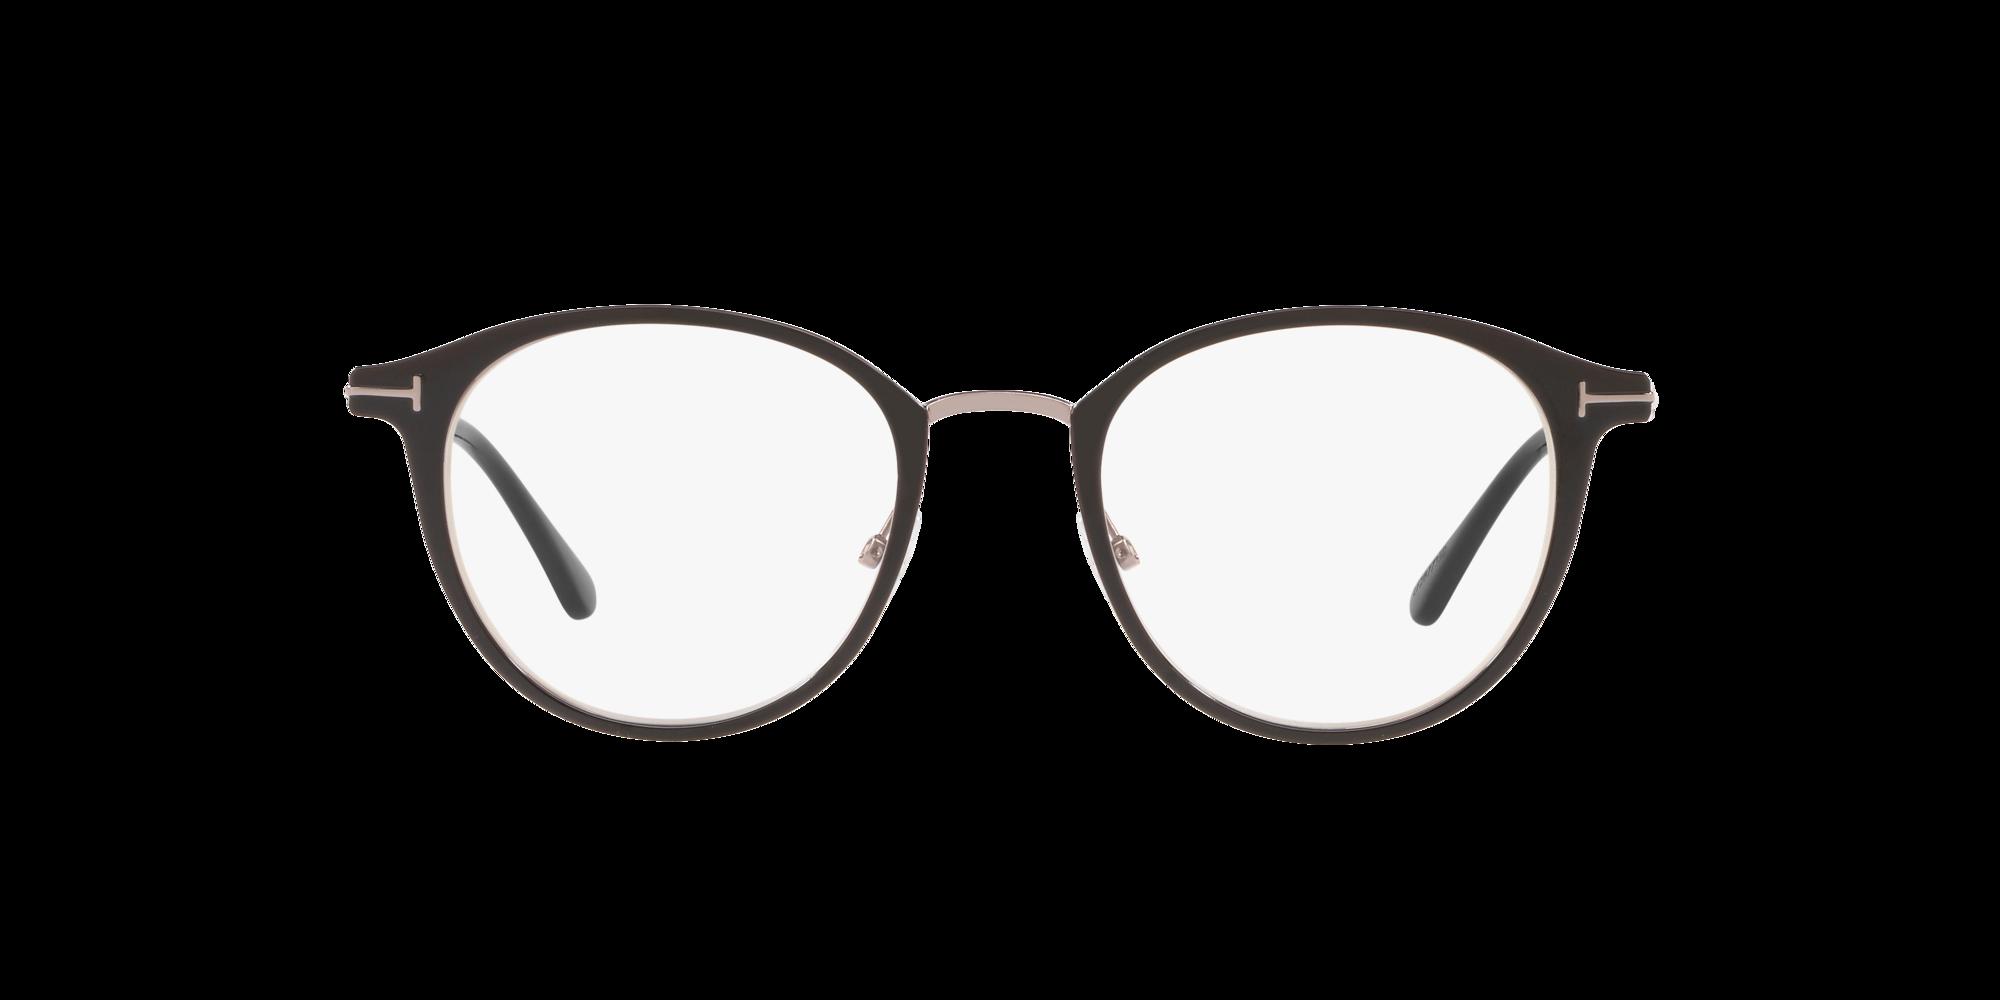 Imagen para FT5528-B de LensCrafters |  Espejuelos, espejuelos graduados en línea, gafas